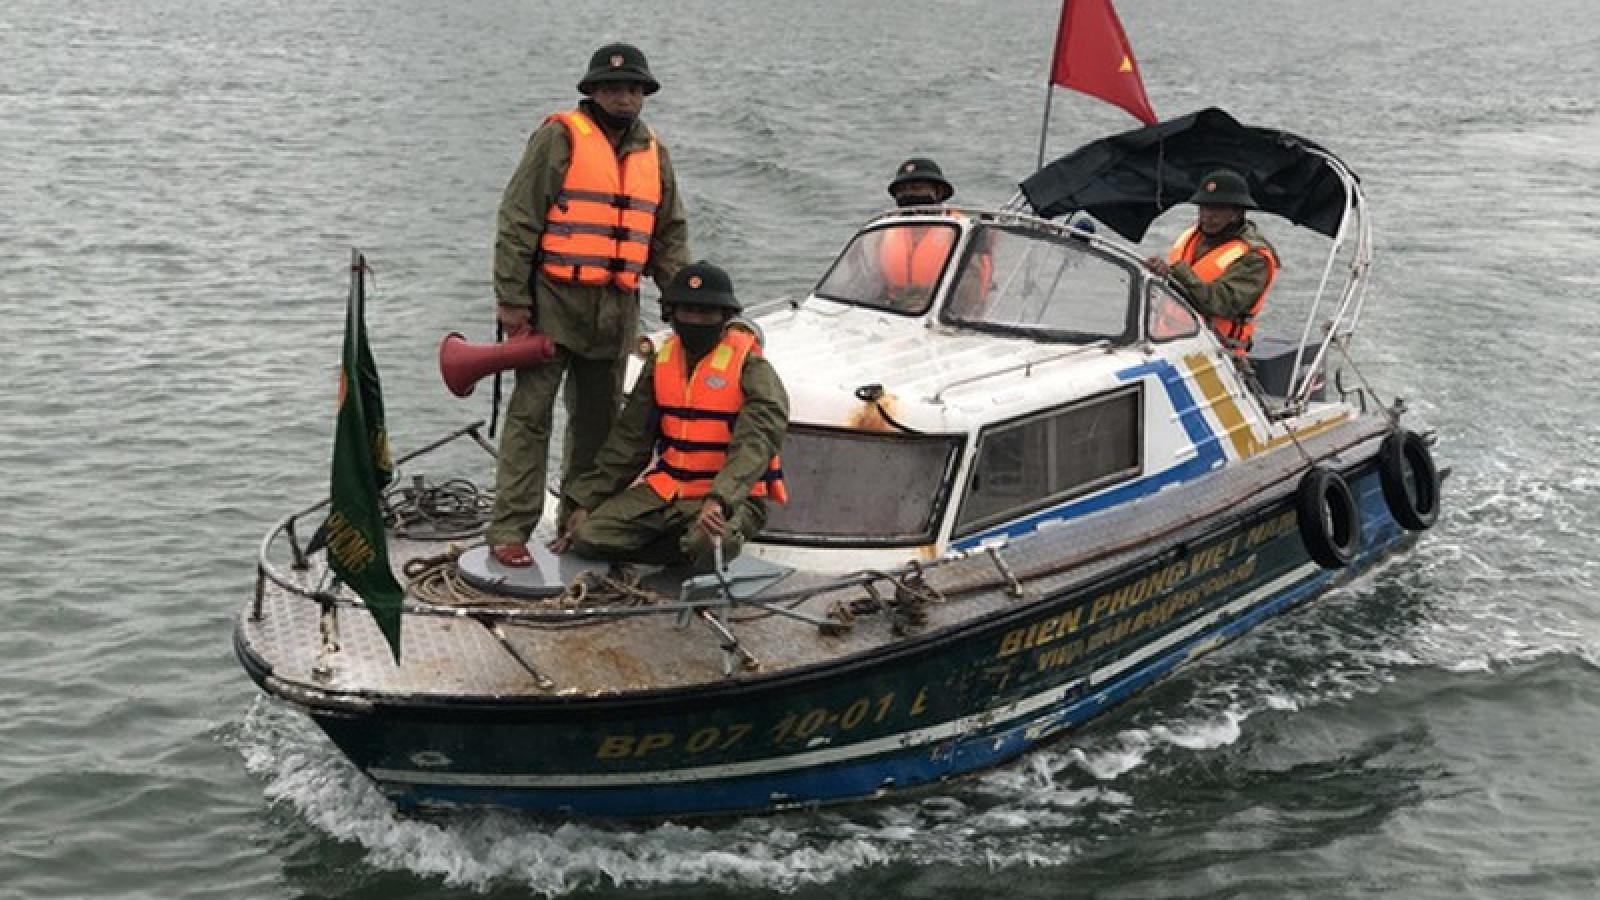 Miền Trung kêu gọi tàu thuyền vào bờ tránh trú bão